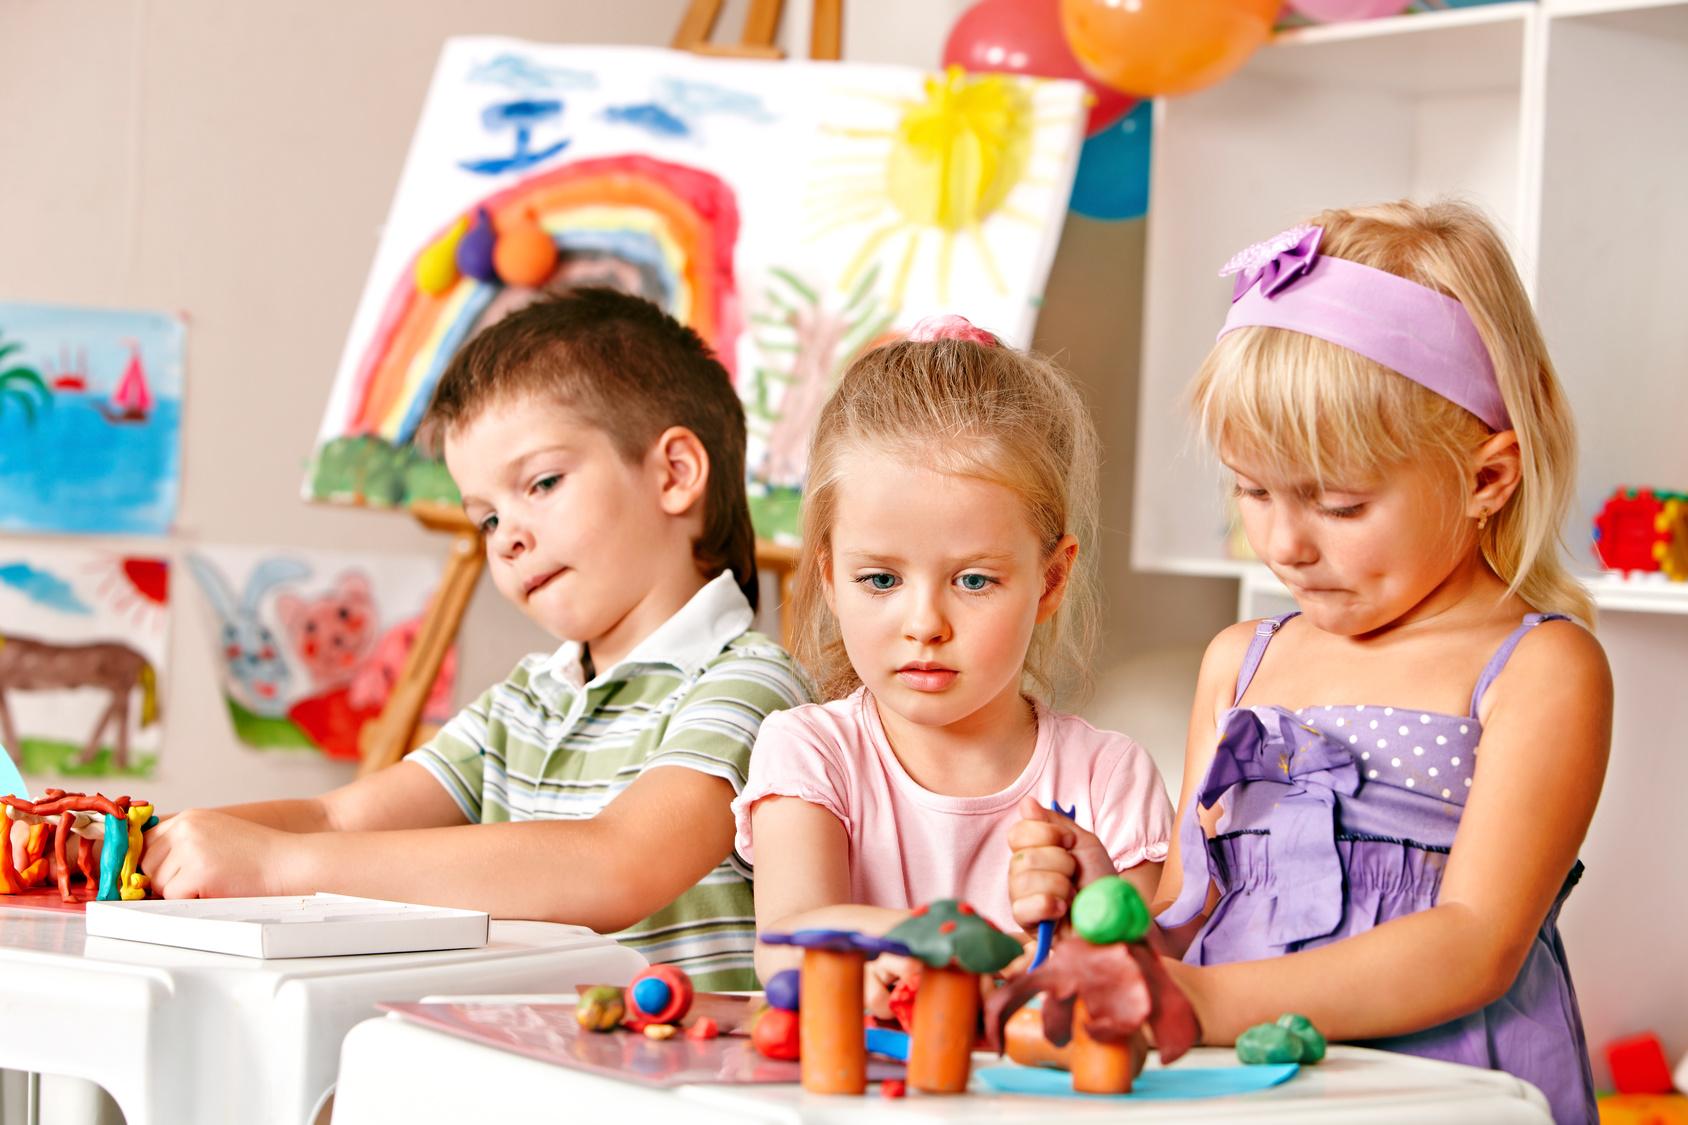 Group of children  in preschool thumb up.